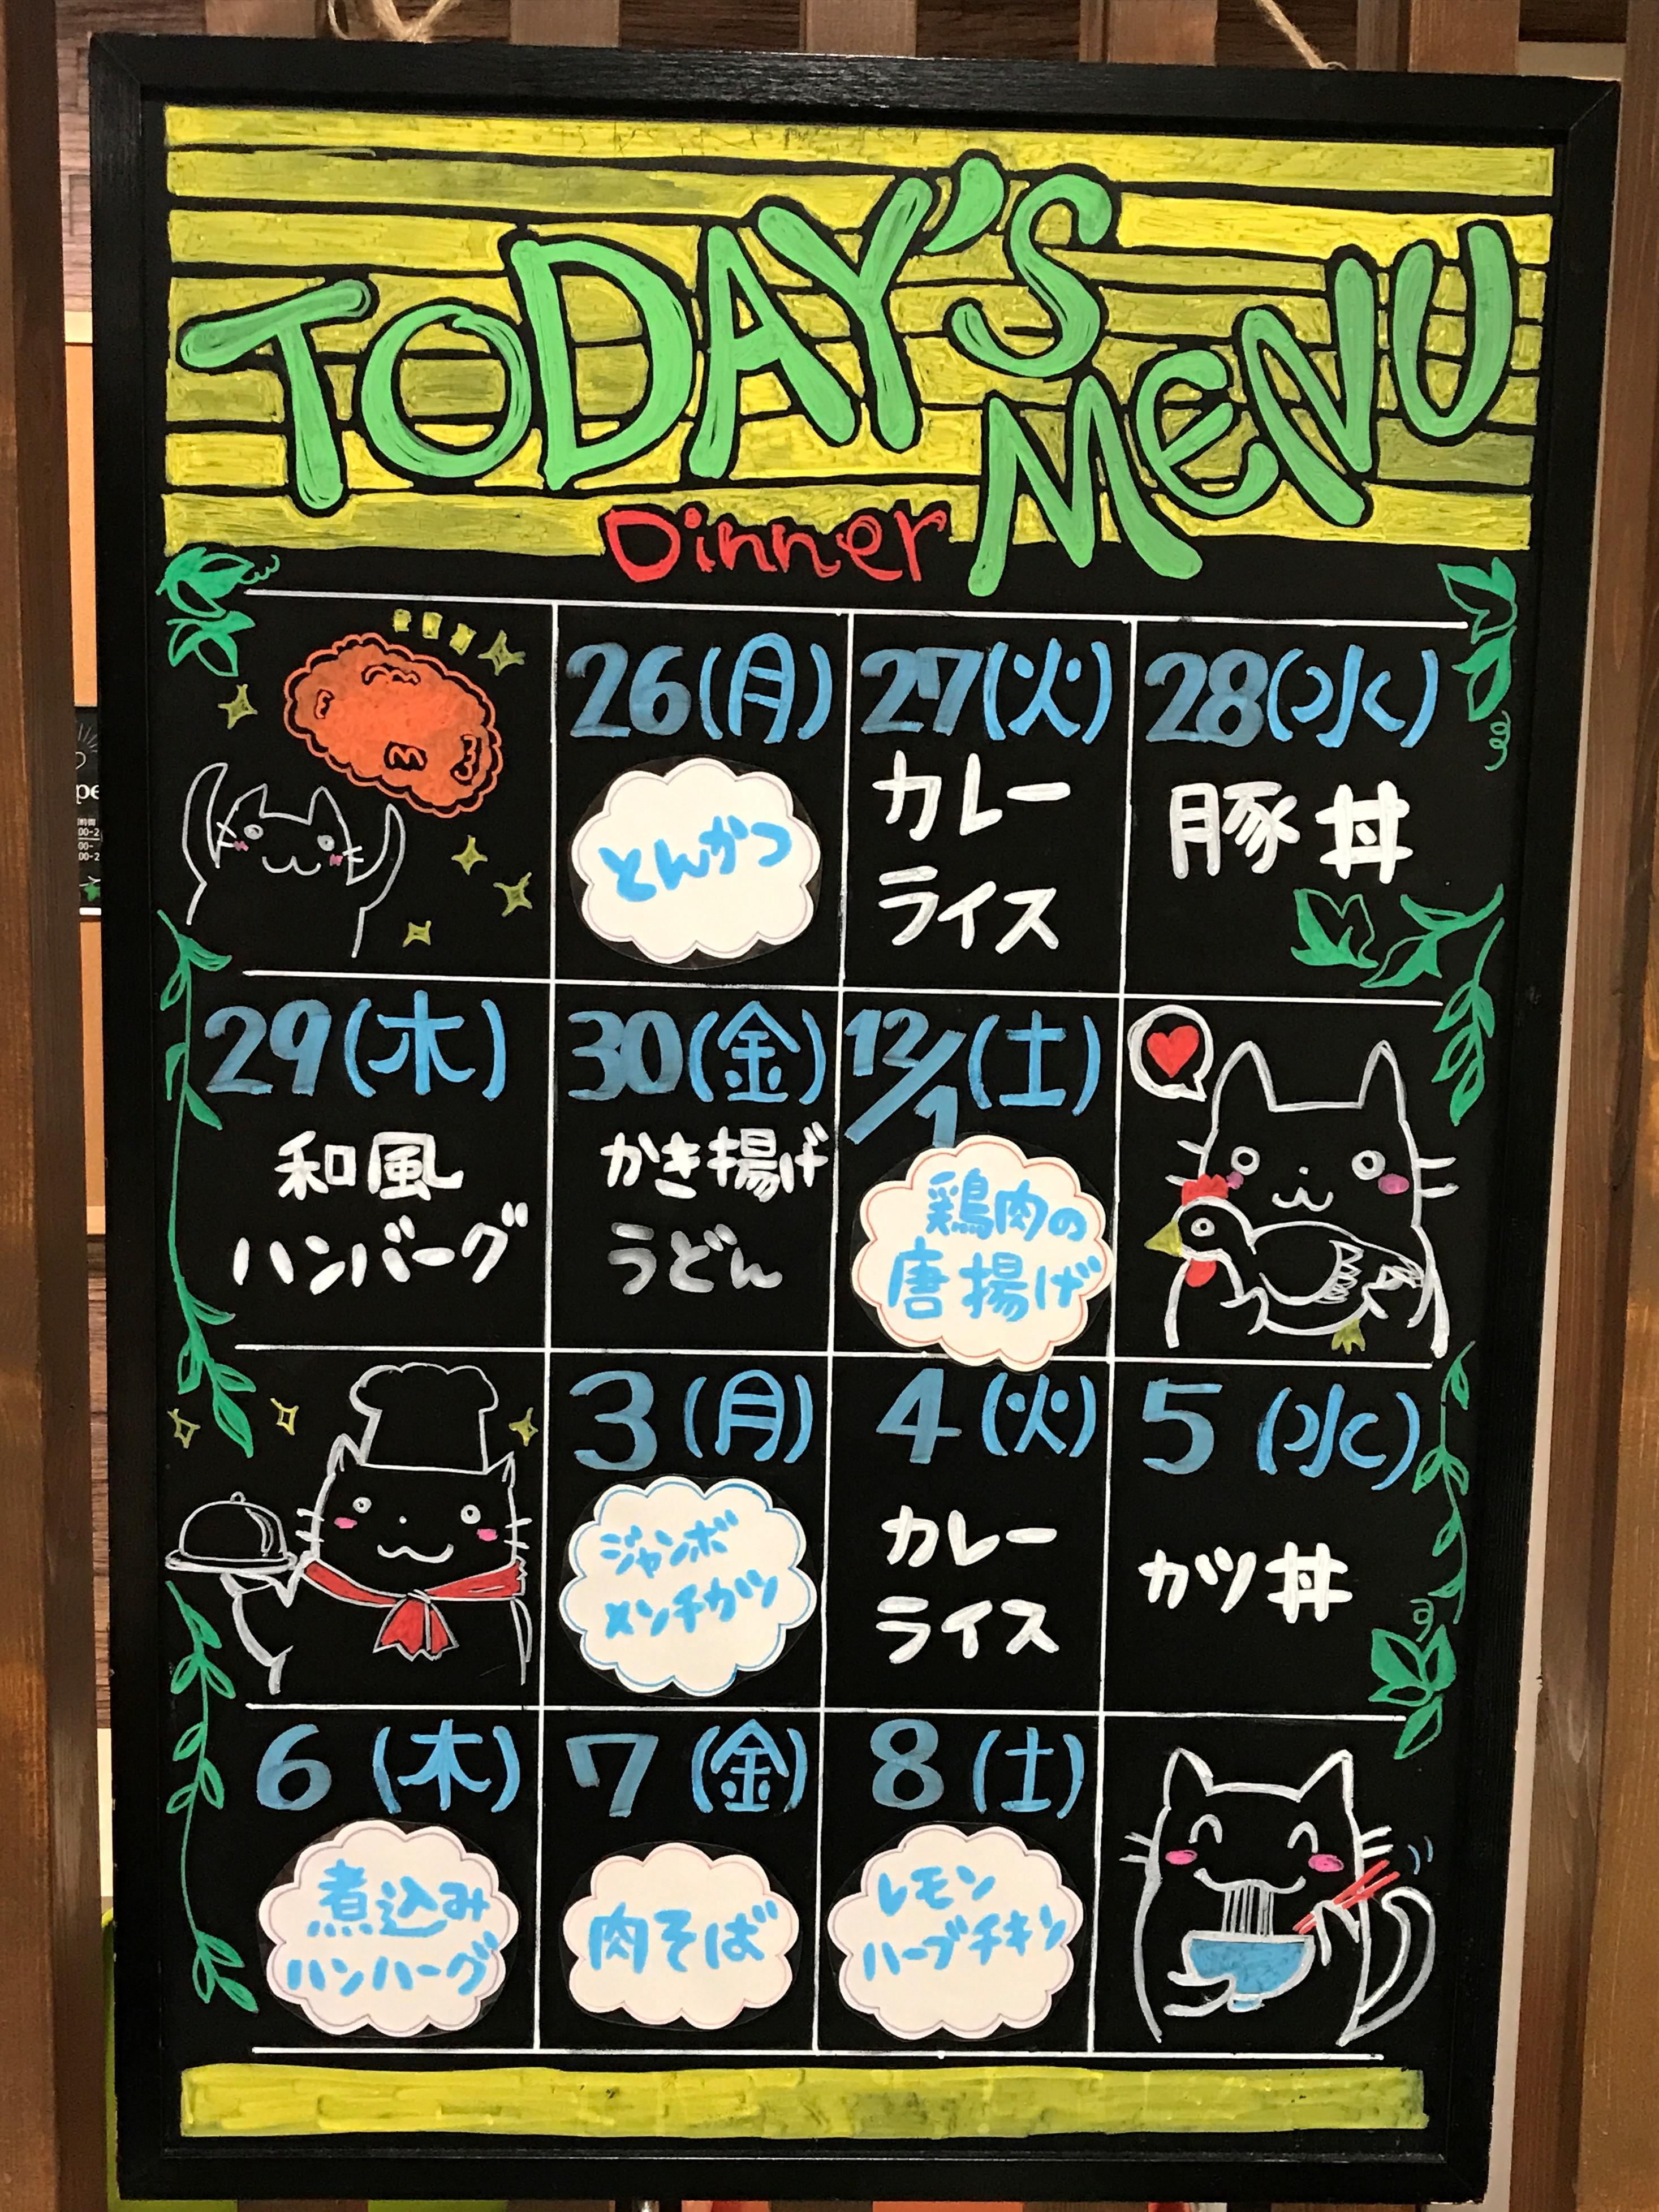 株式会社ニッコーの食堂メニューボード